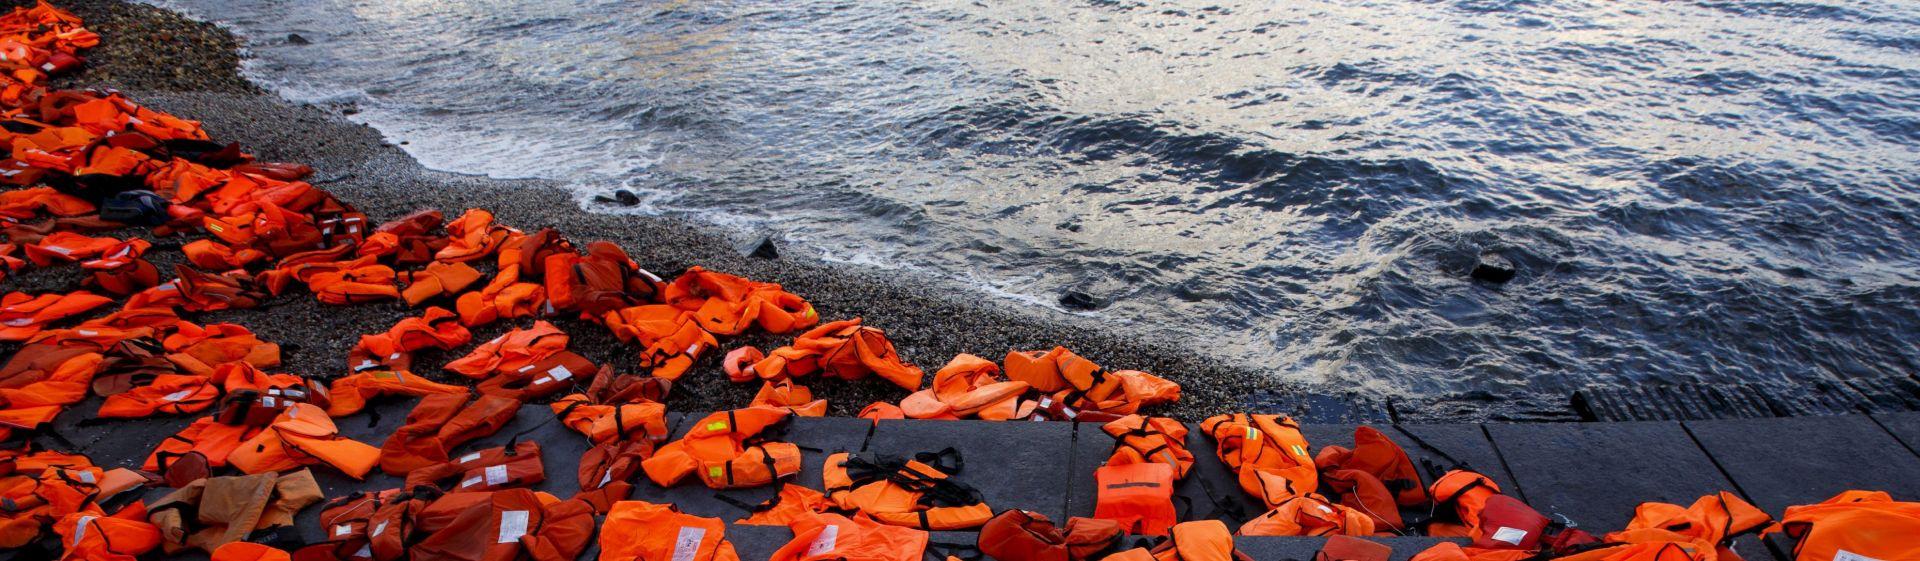 EGIPAT Više od 100 mrtvih u brodolomu migrantskog broda